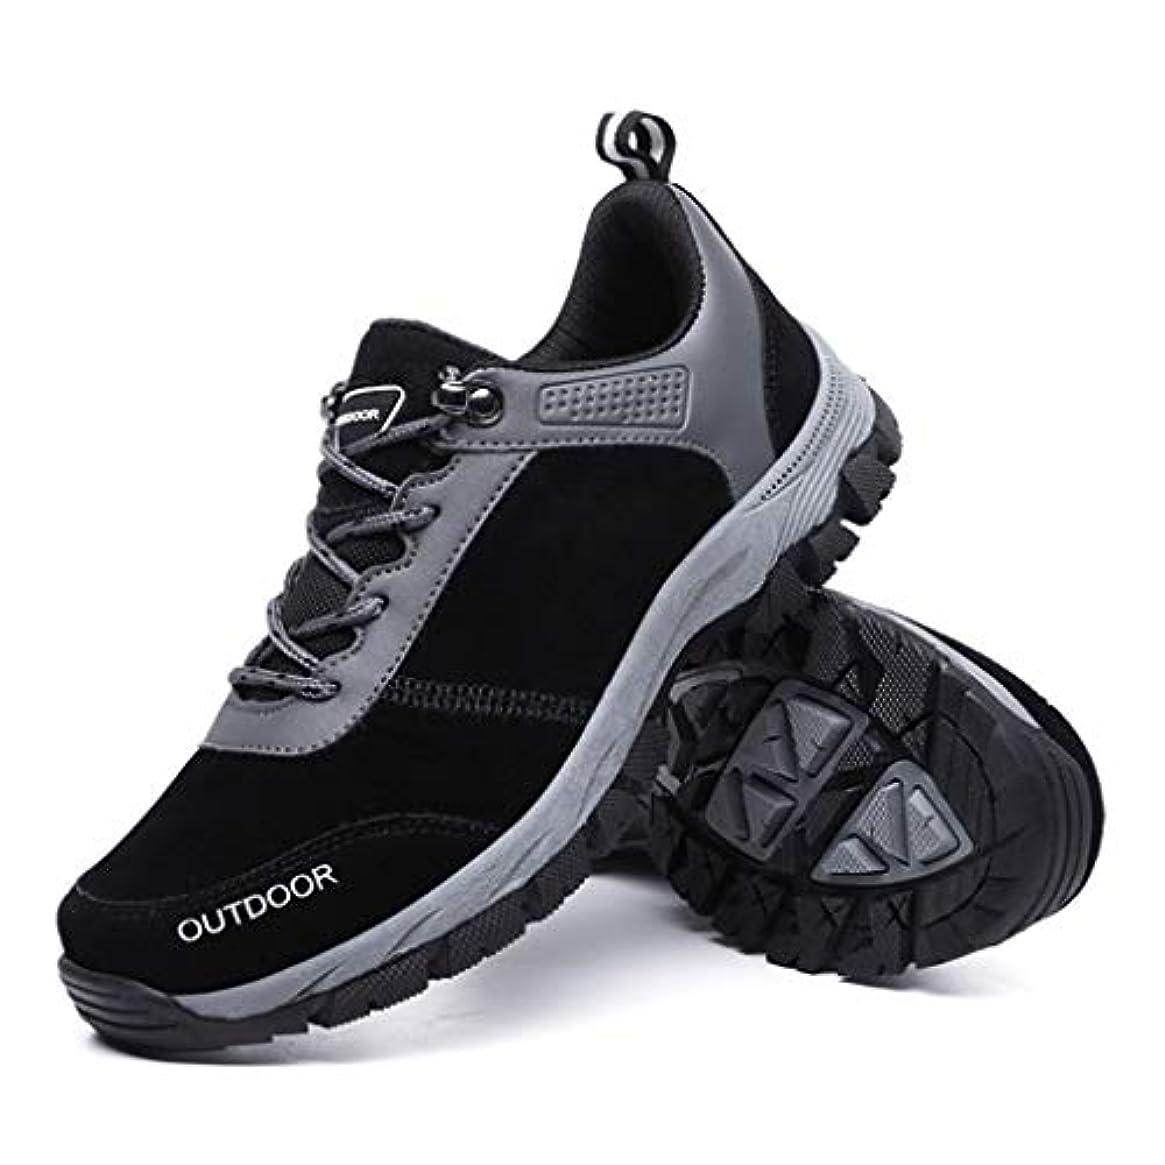 委託最少ジャングル[SENNIAN] 登山靴 ハイキングシューズ レースアップ メンズ トレッキング 耐摩耗ソールキャンプ ウォーキングシューズ アウトドア 防滑 歩きやすい 通気 27.0cm 28.0cm 超繊維 大きいサイズ